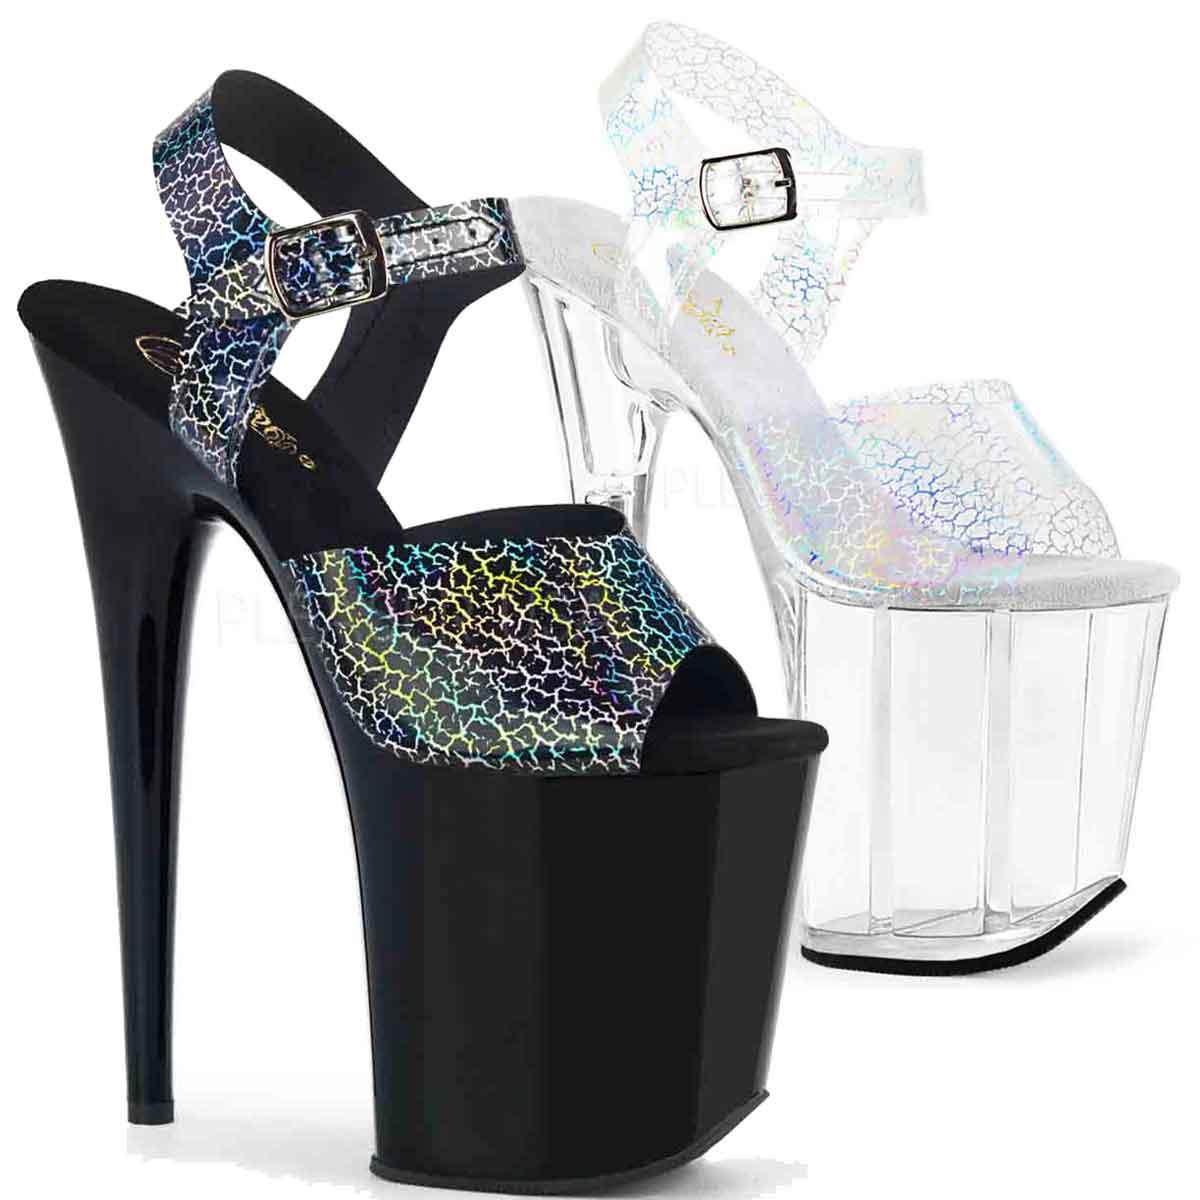 4365cb5e31a Pleaser   Flamingo-808N-CK, Ankle Strap Platform Sandal with Cracker  Hologram